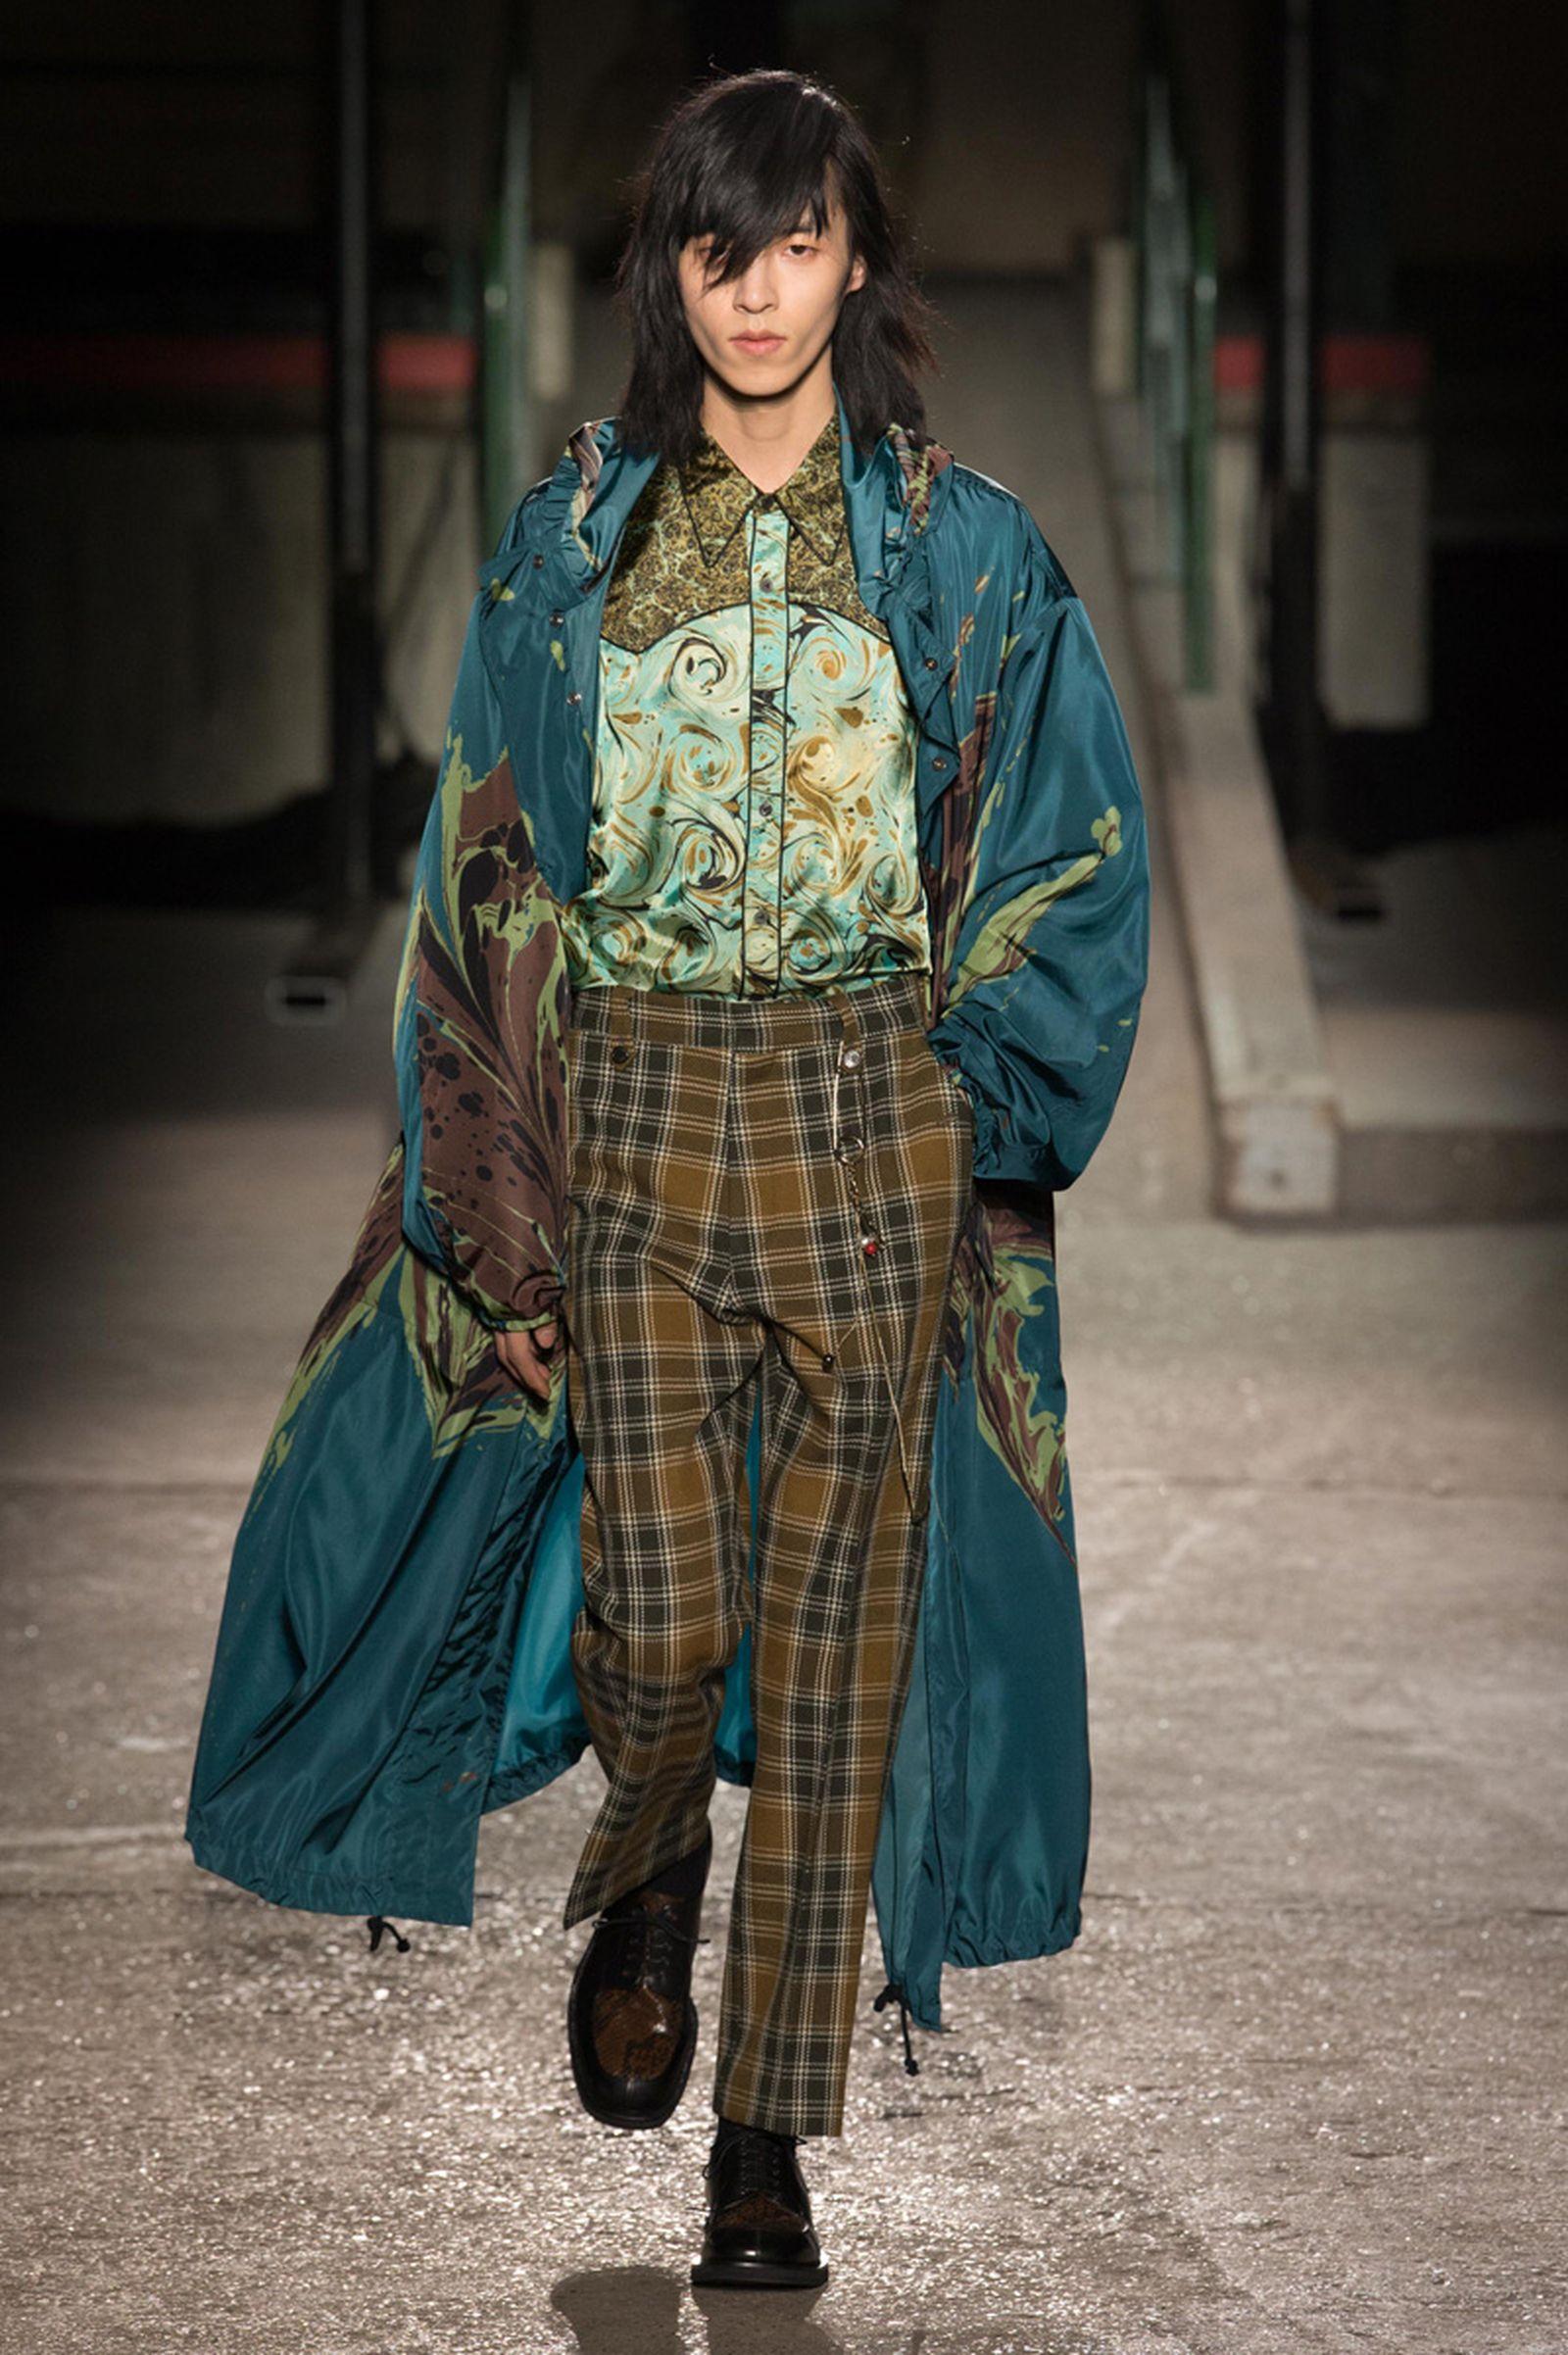 dries van noten AW18 19 look035 fashion week 2018 paris fashion week runway